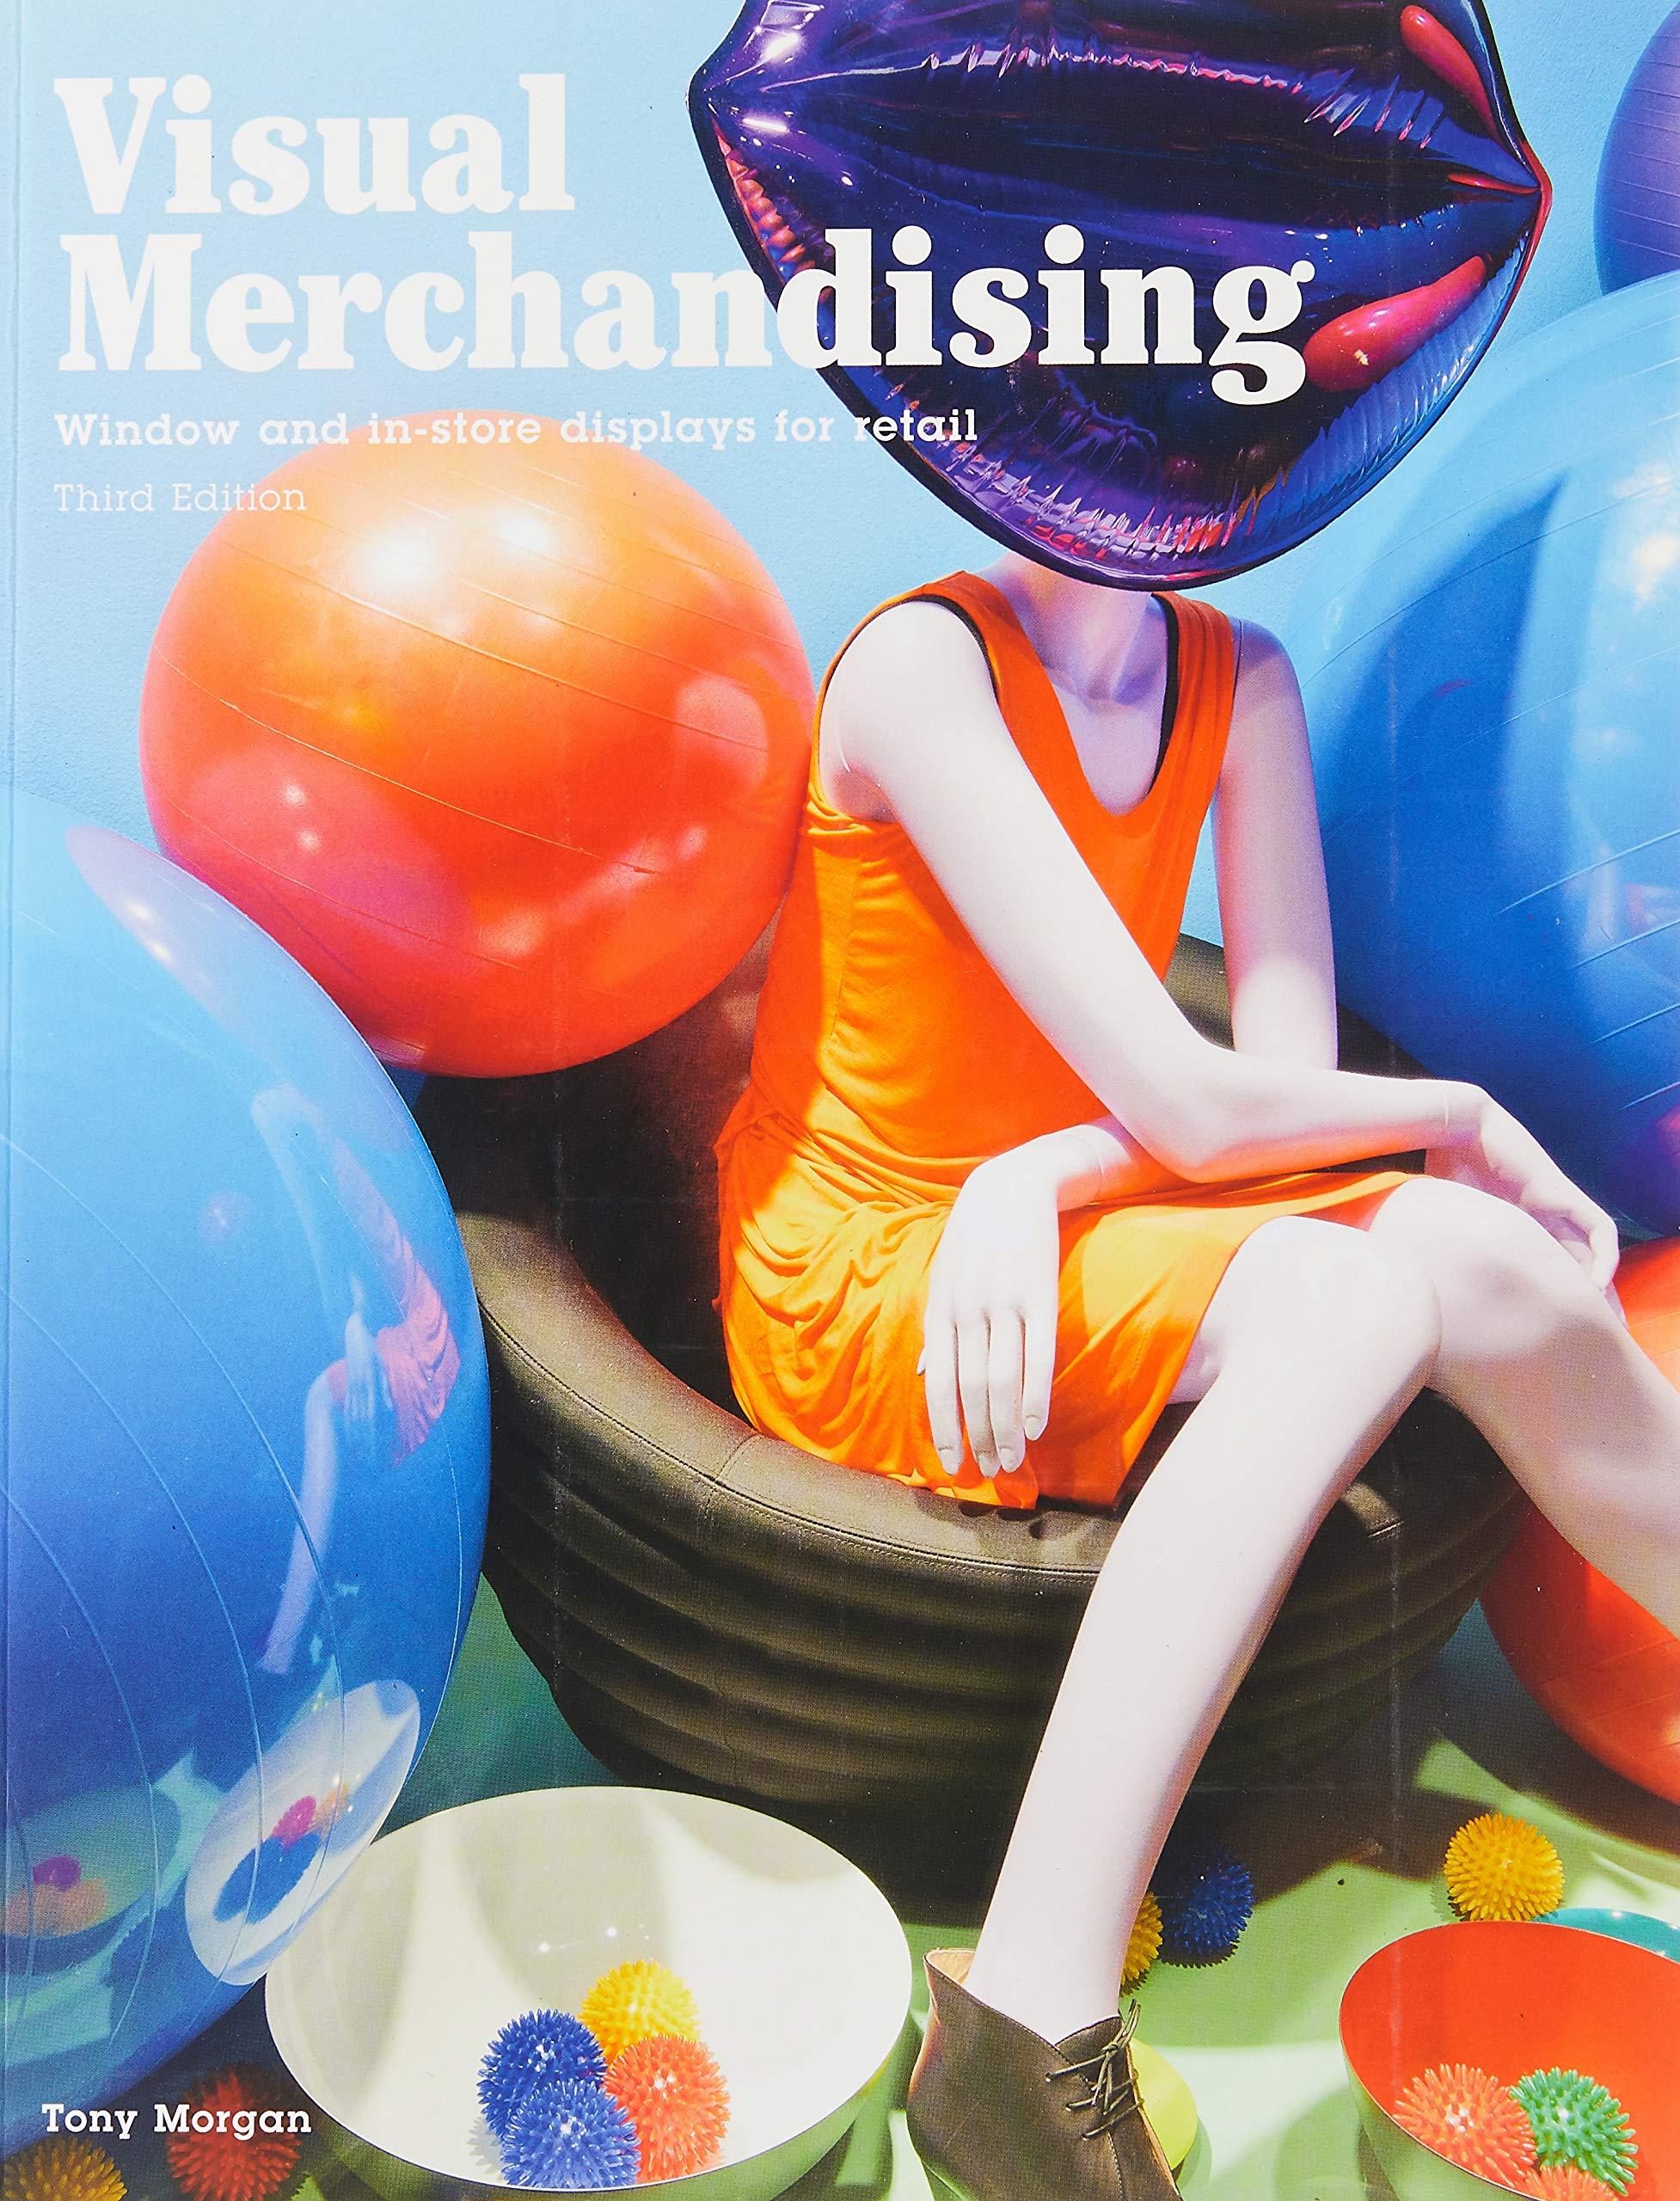 Visual Merchandising: Window and in-store displays for retail, 3rd edition: Amazon.es: Morgan, Tony: Libros en idiomas extranjeros